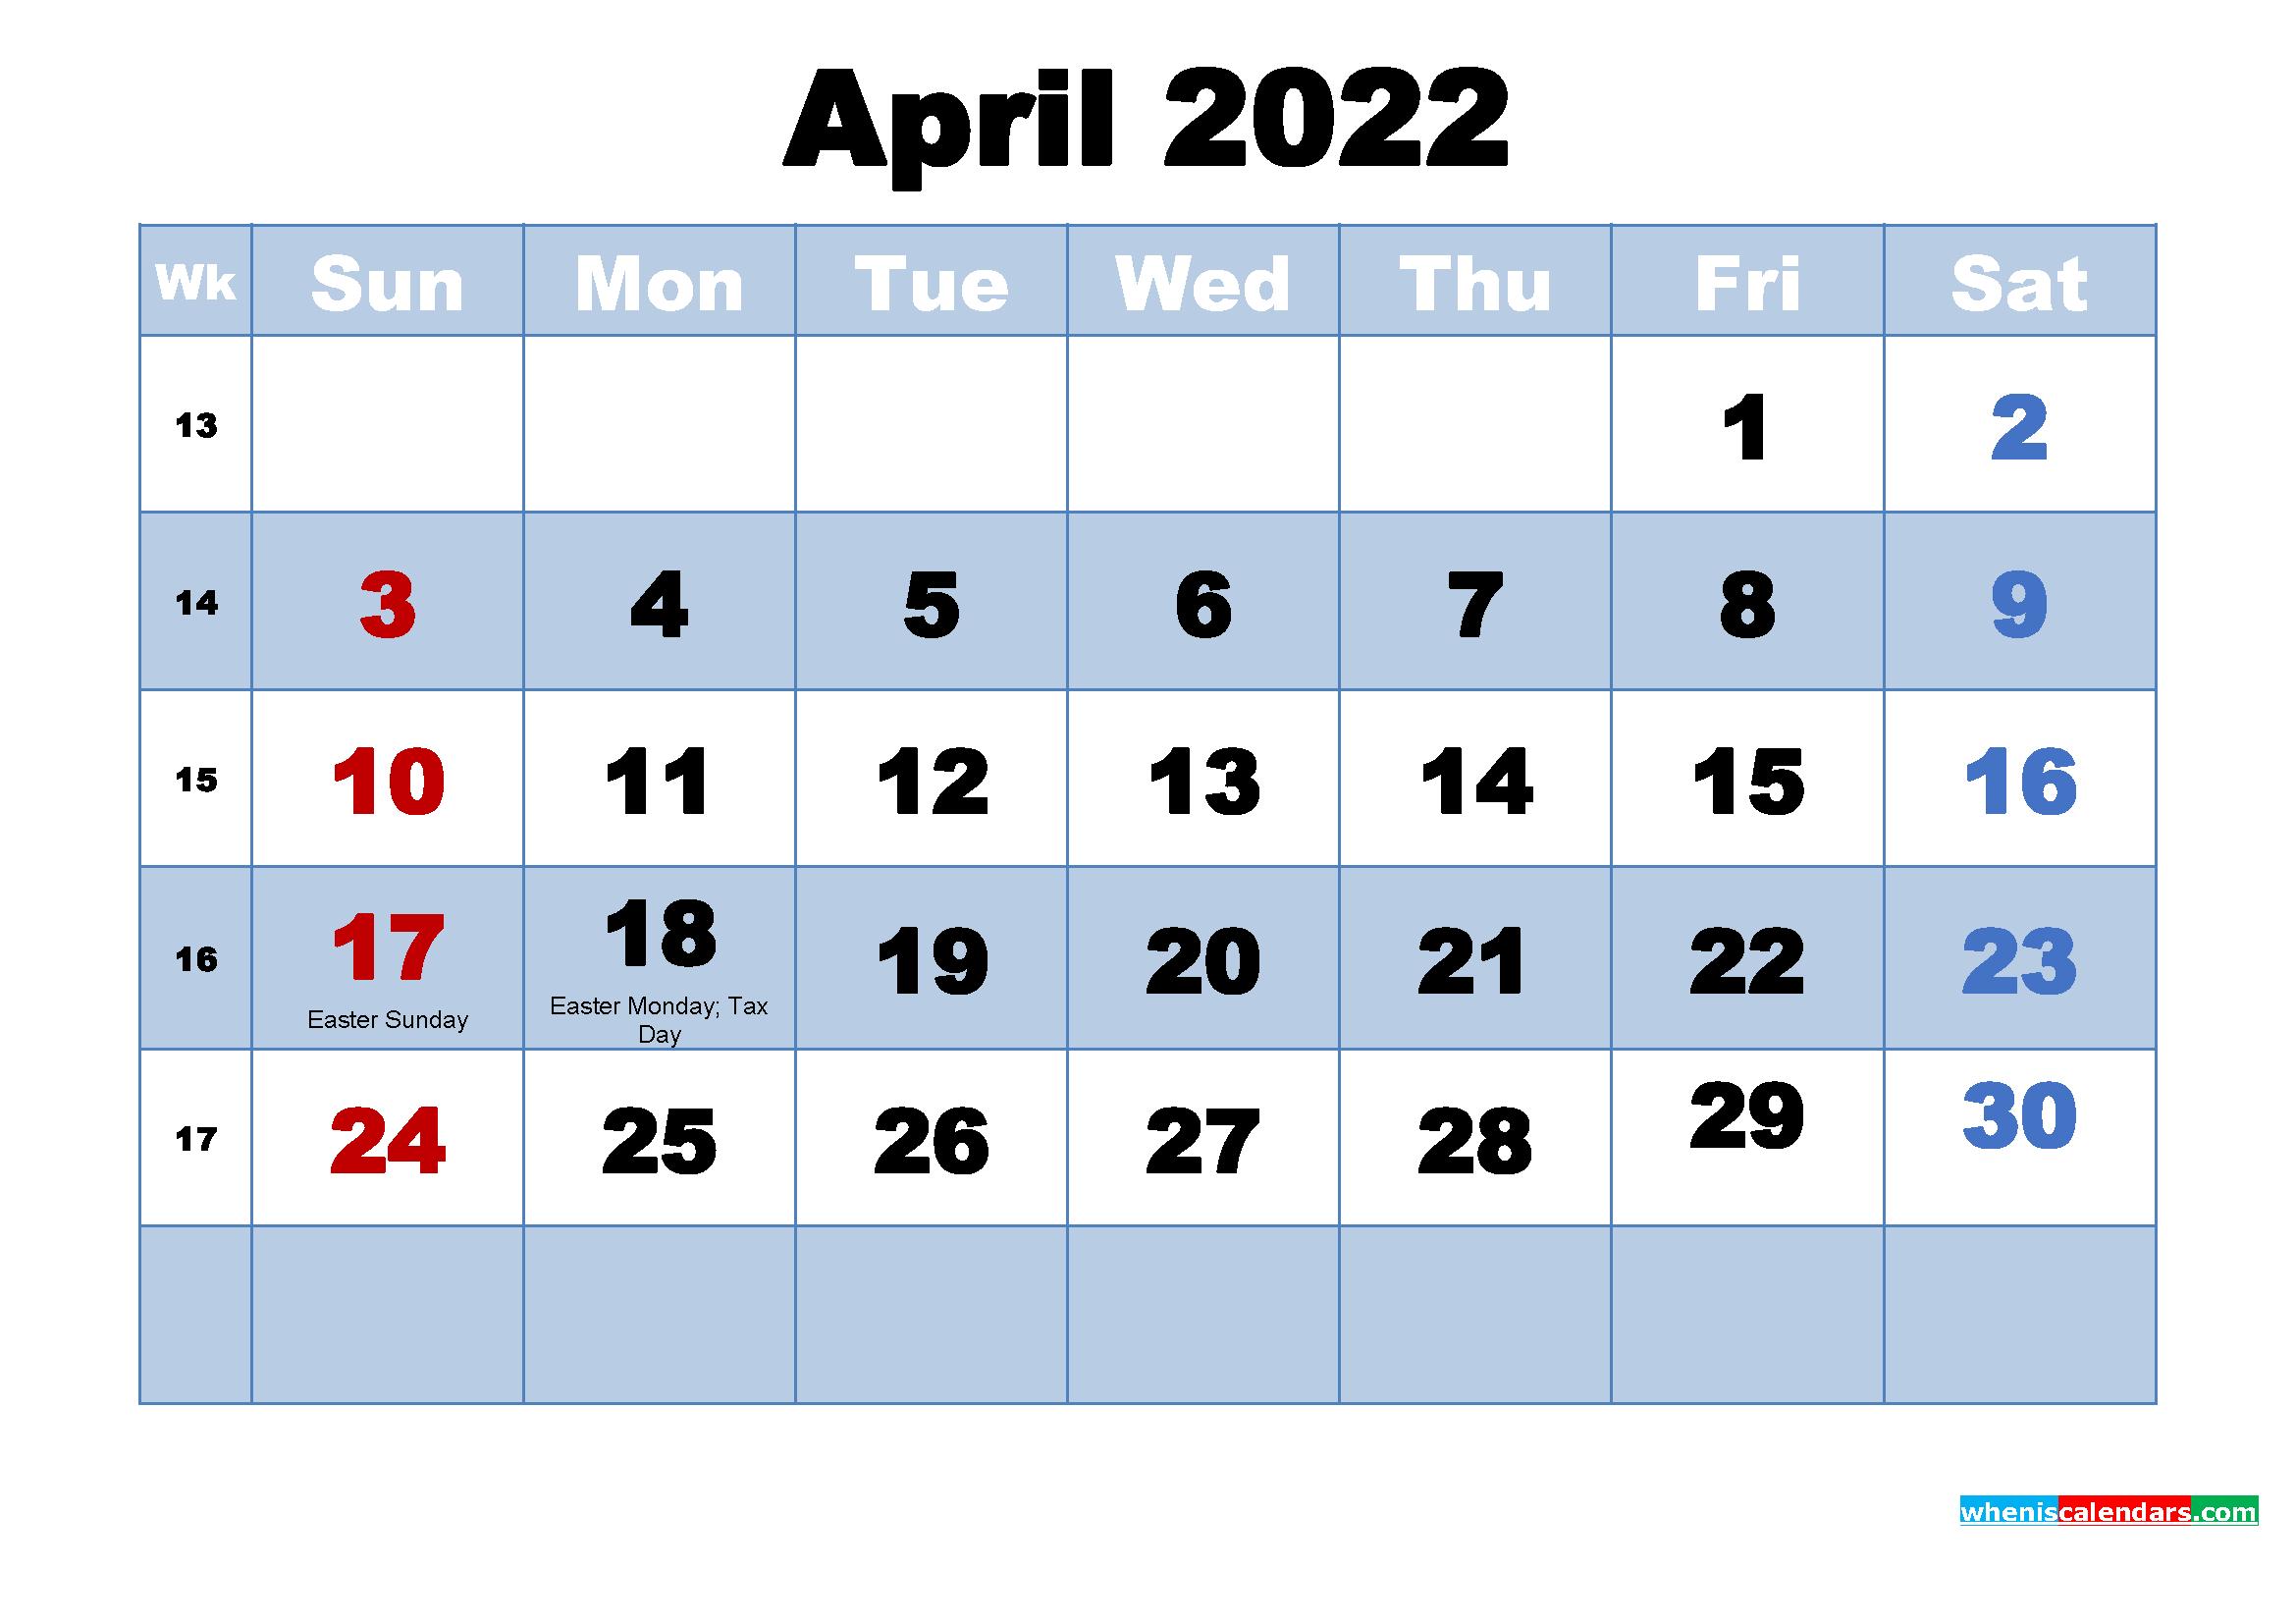 April 2022 Calendar Wallpaper High Resolution